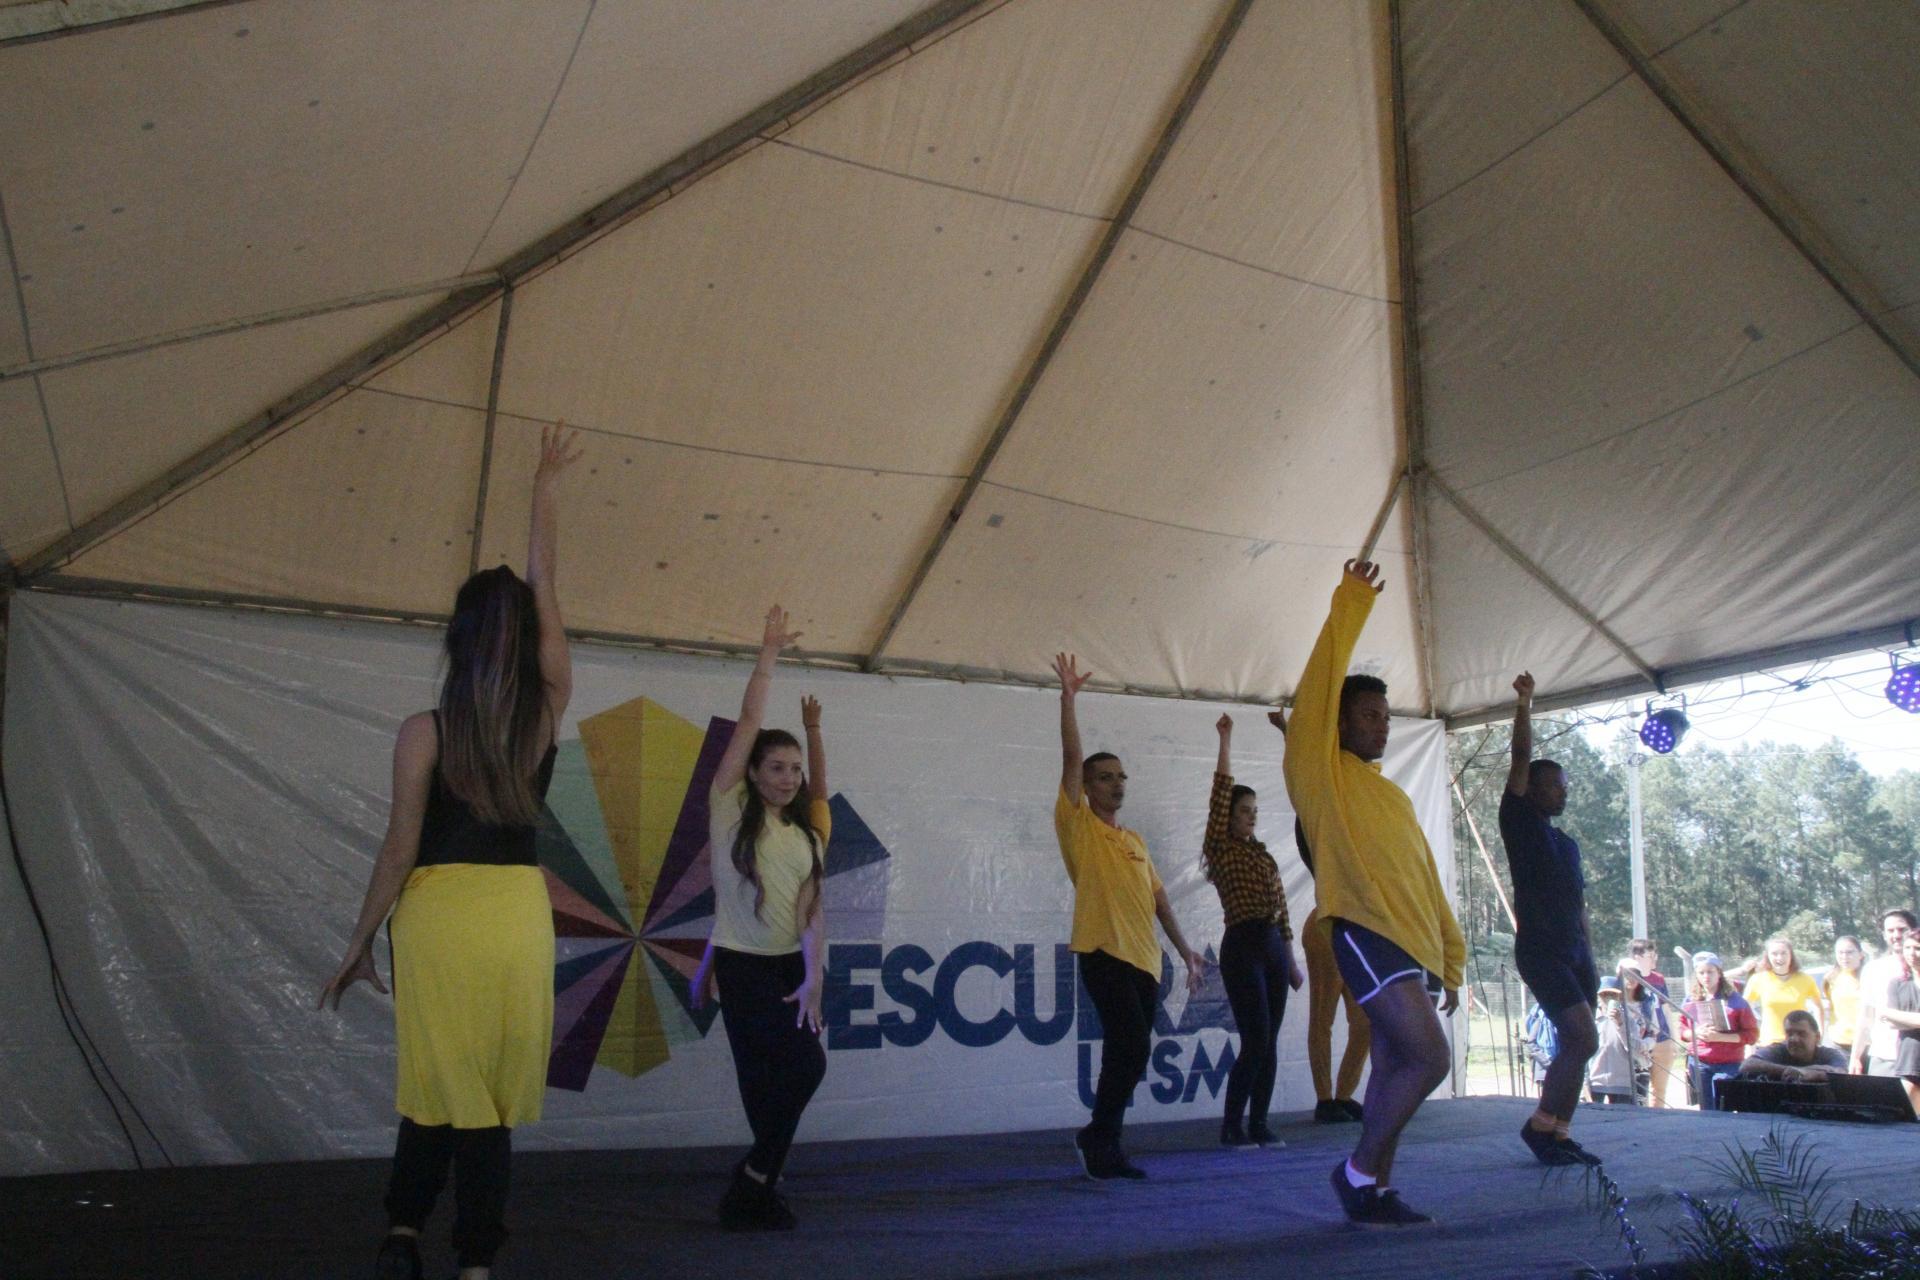 Foto colorida horizontal mostra alunos vestidos de preto e amarelo em movimentos de dança no palco ao fundo banner com logo do descubra ufsm